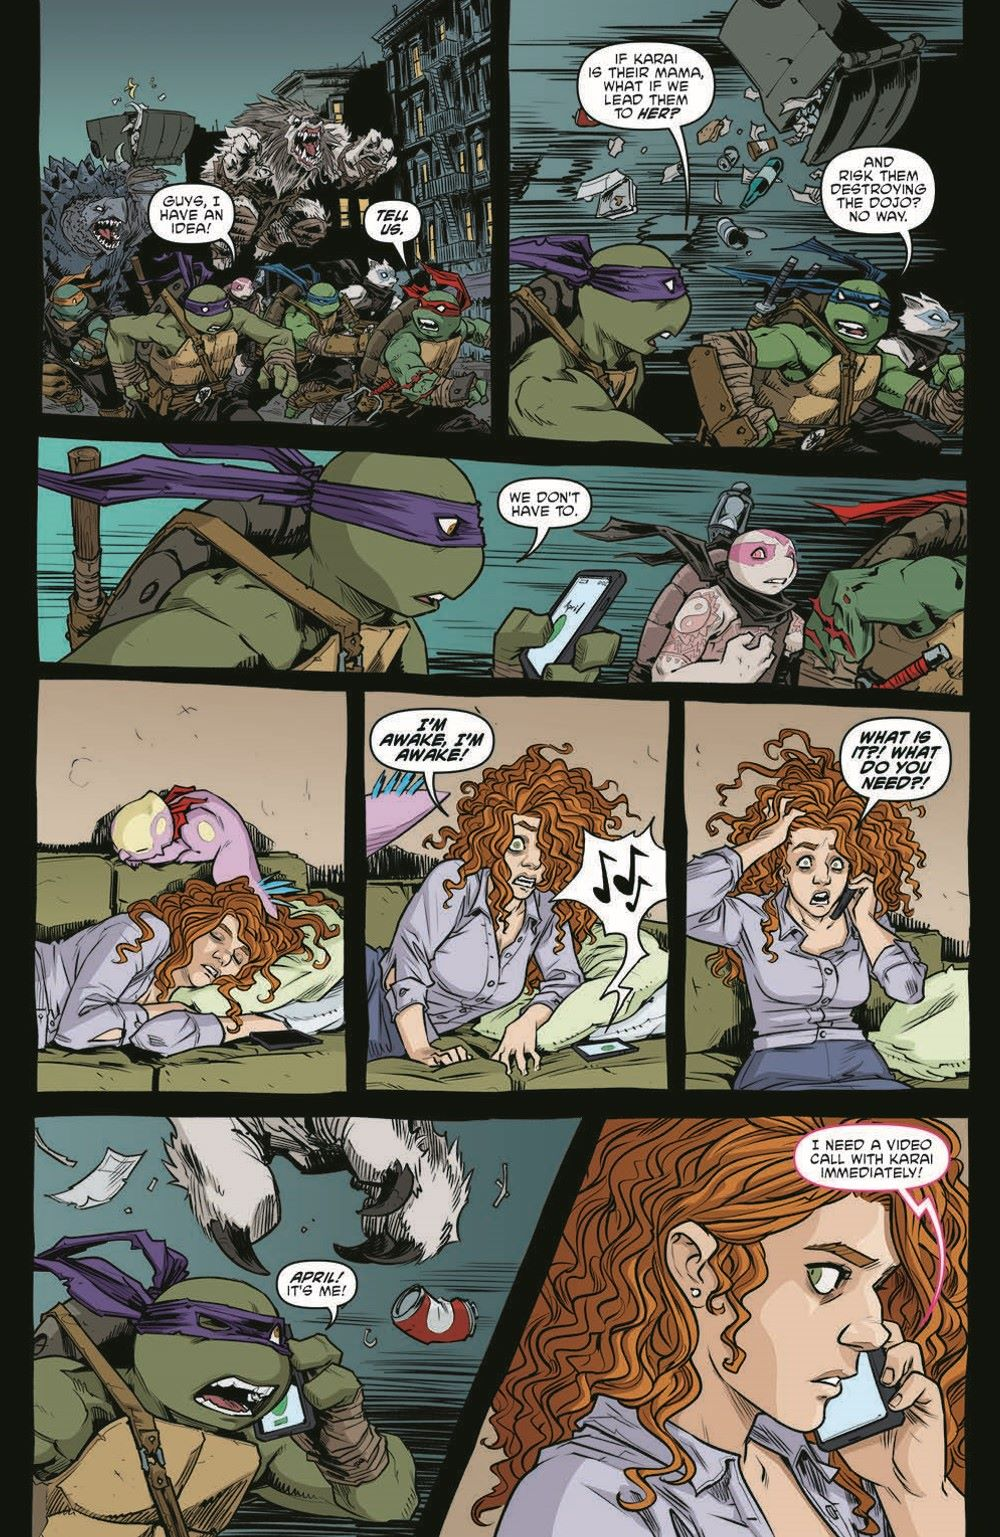 TMNT115_pr-7 ComicList Previews: TEENAGE MUTANT NINJA TURTLES #115